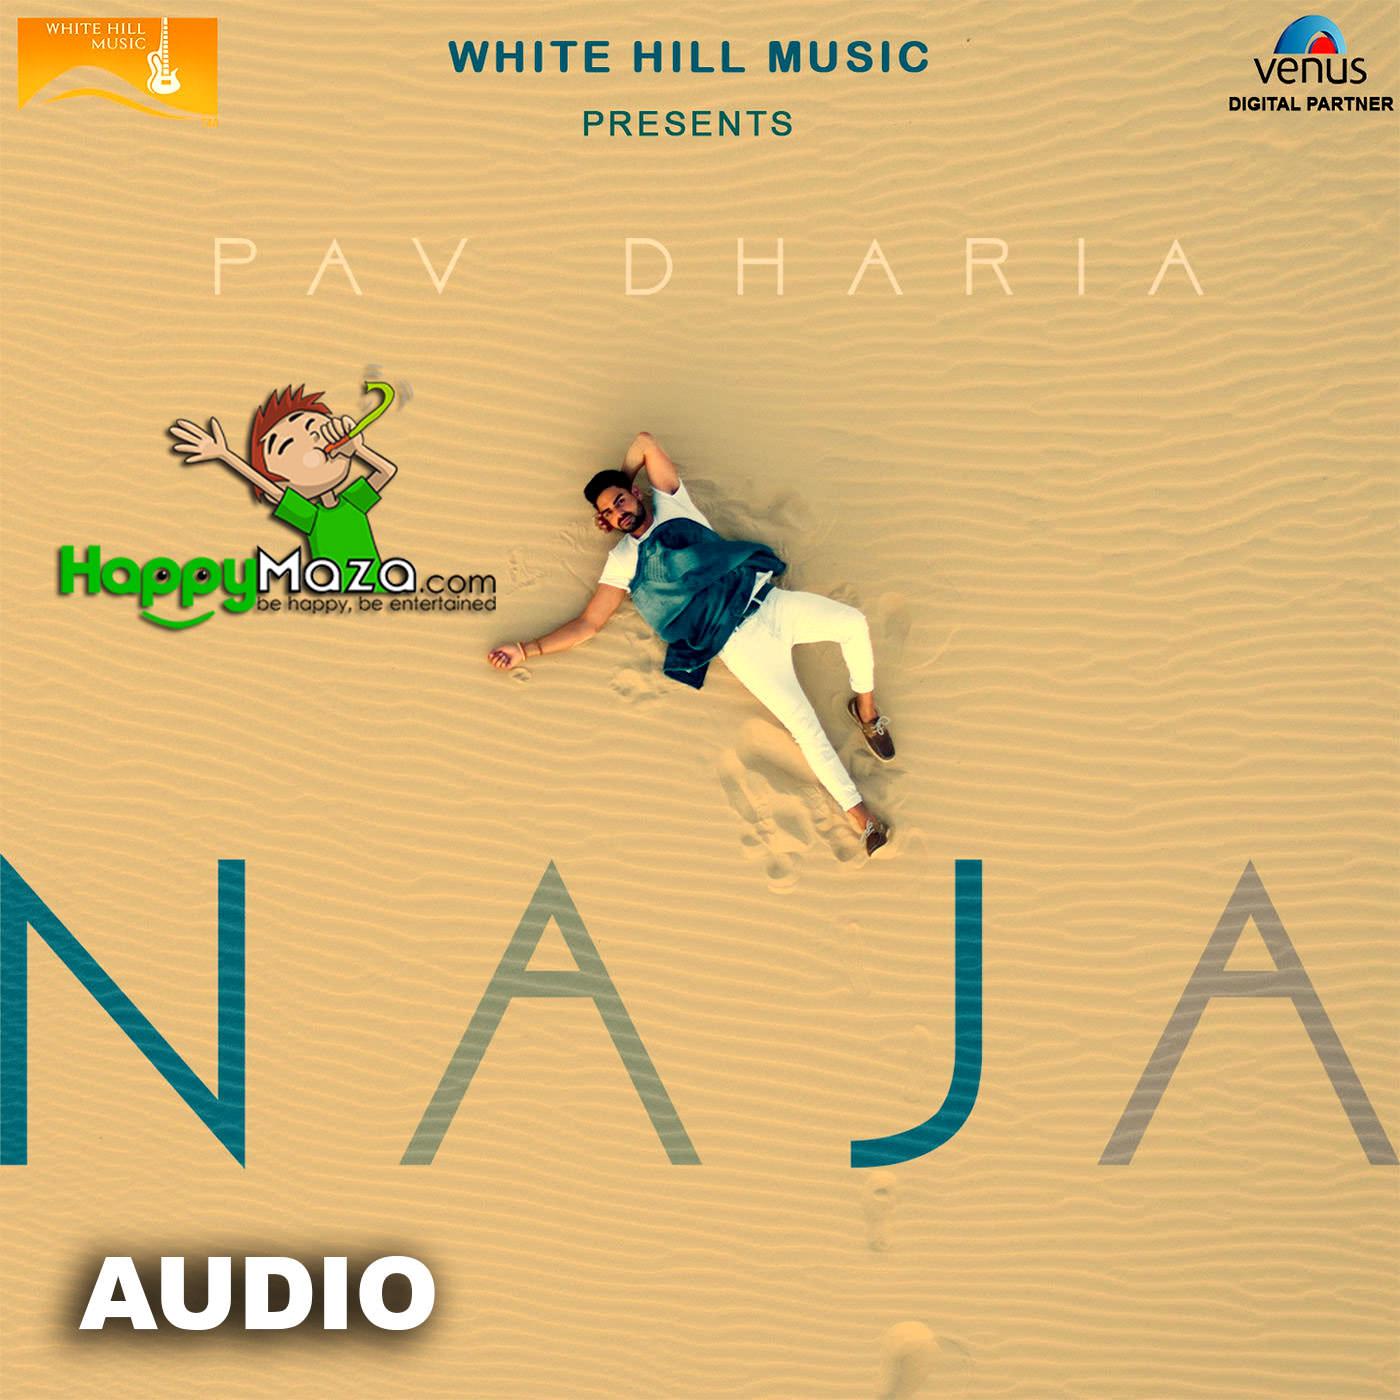 Tara Lak To Lagda Khari Di: Na Ja Lyrics - Pav Dhaira - 2018